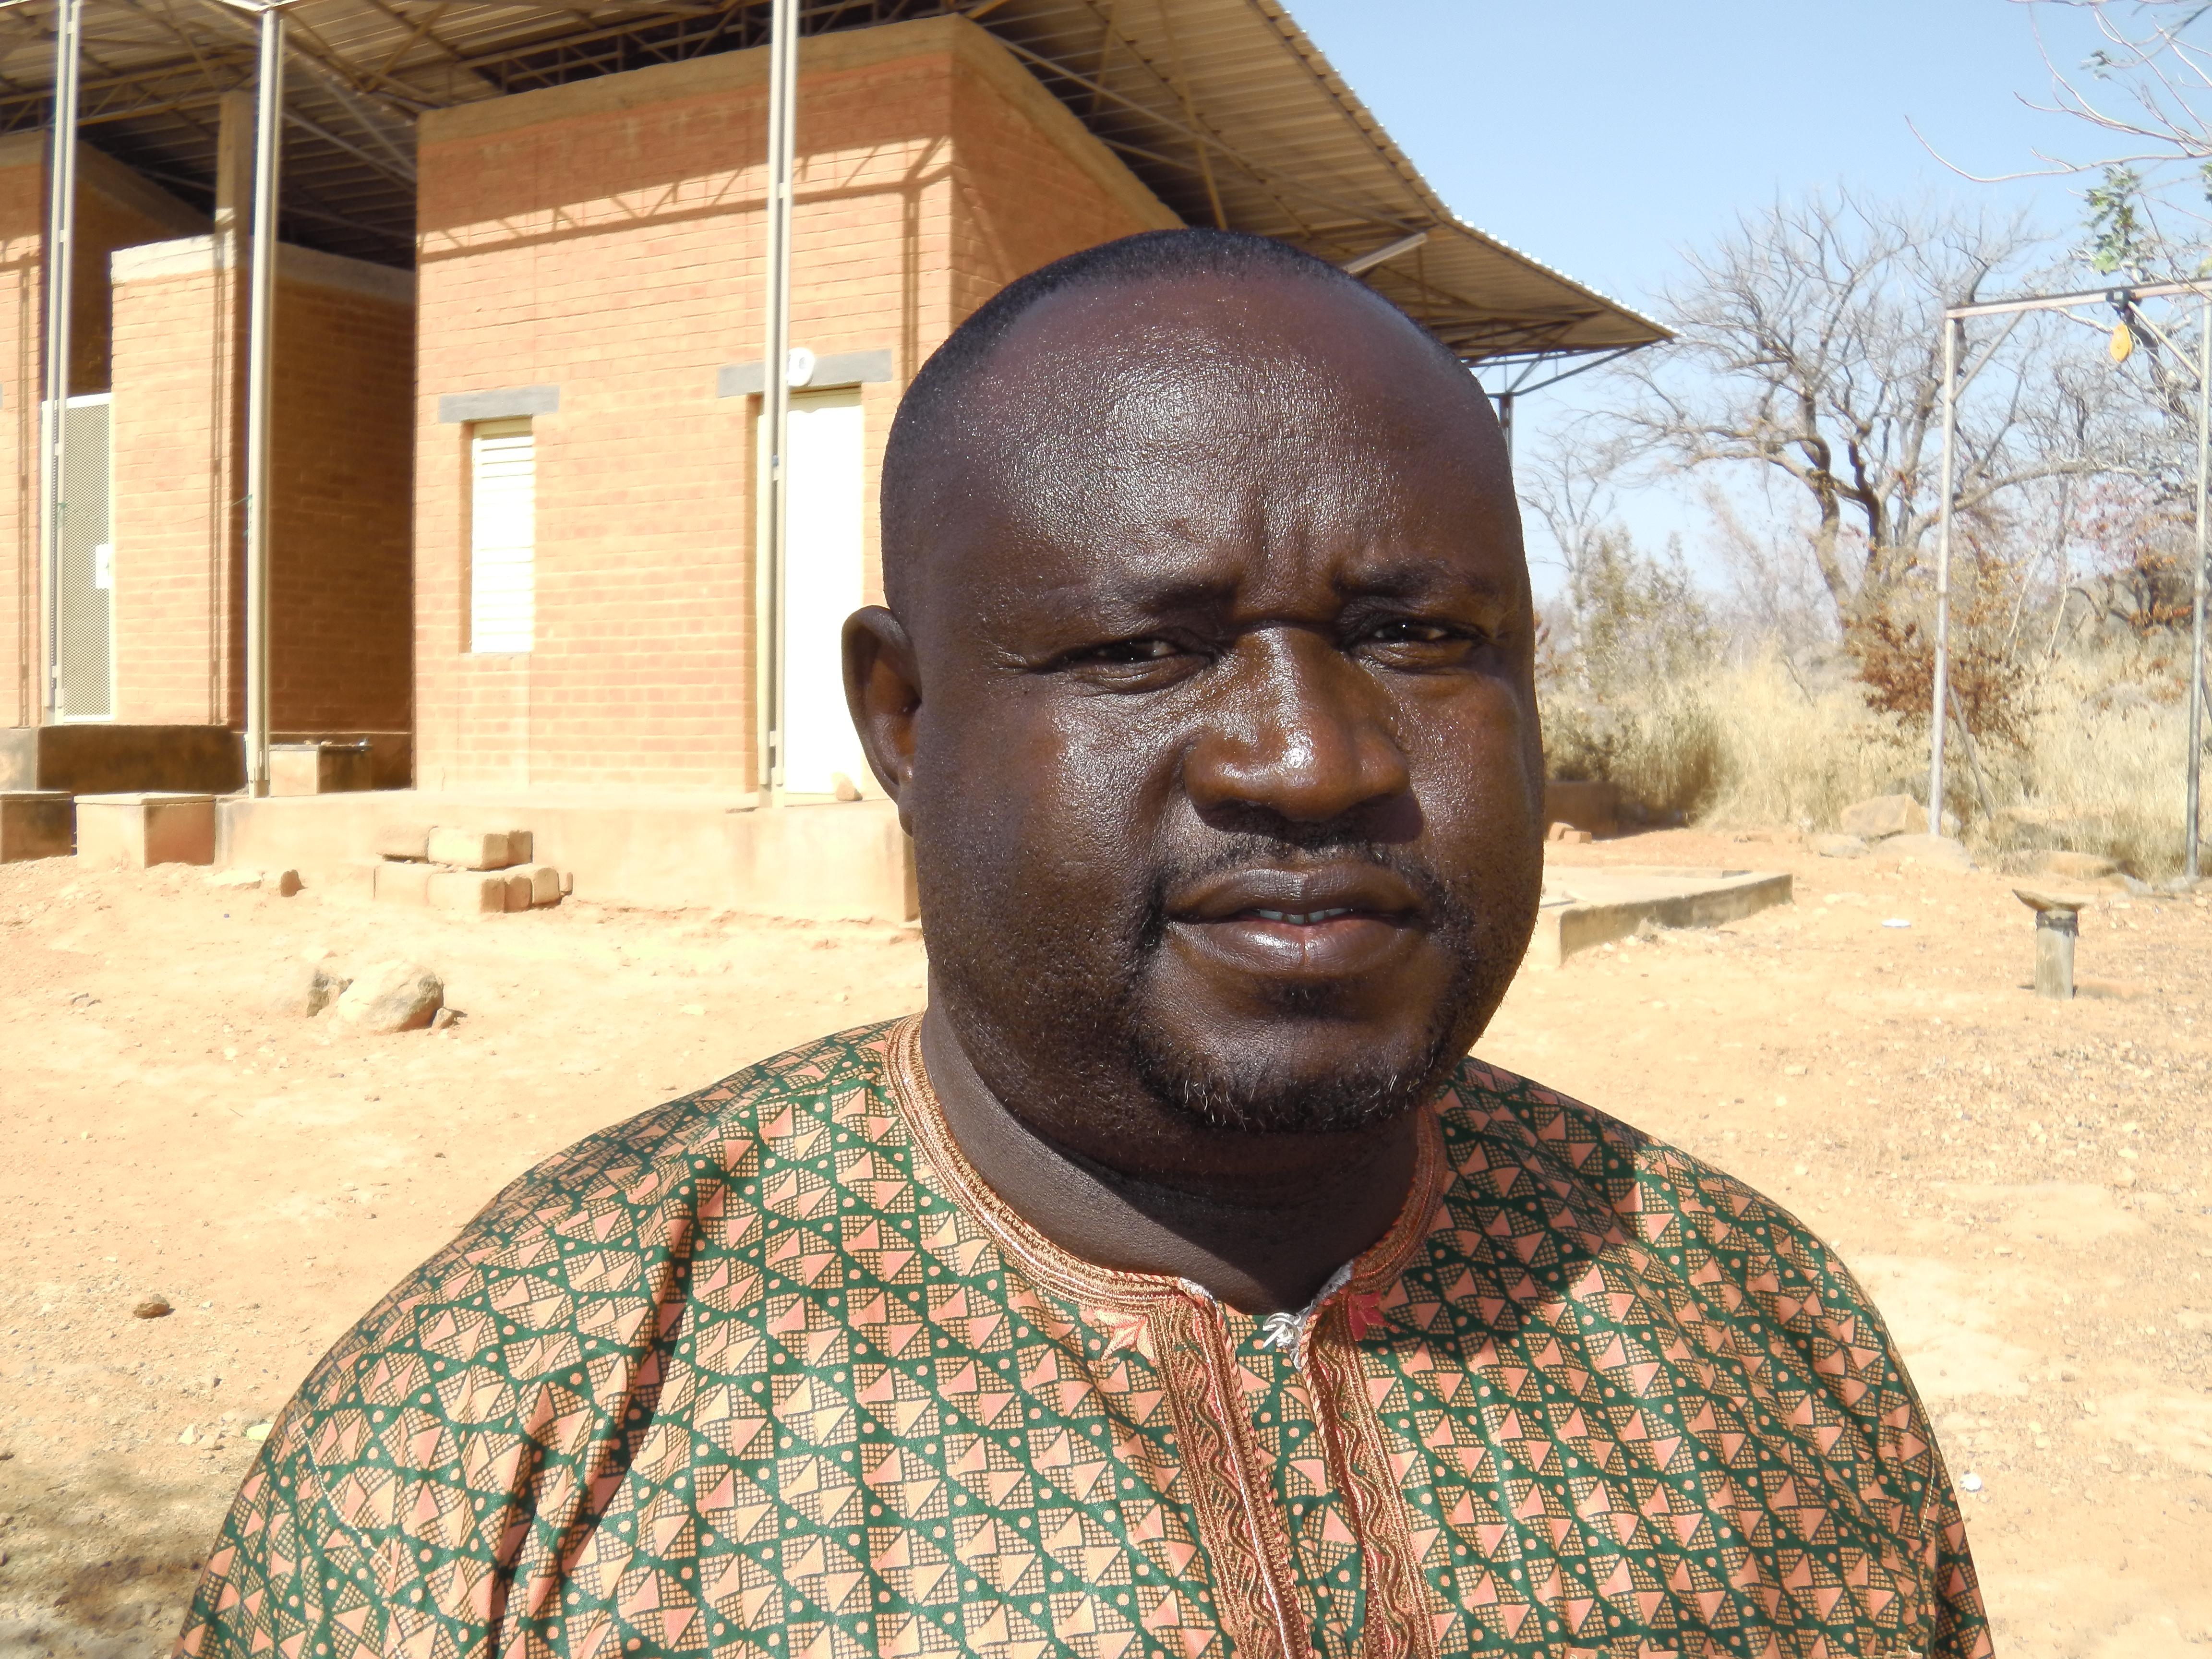 Gildas Ouedraogo